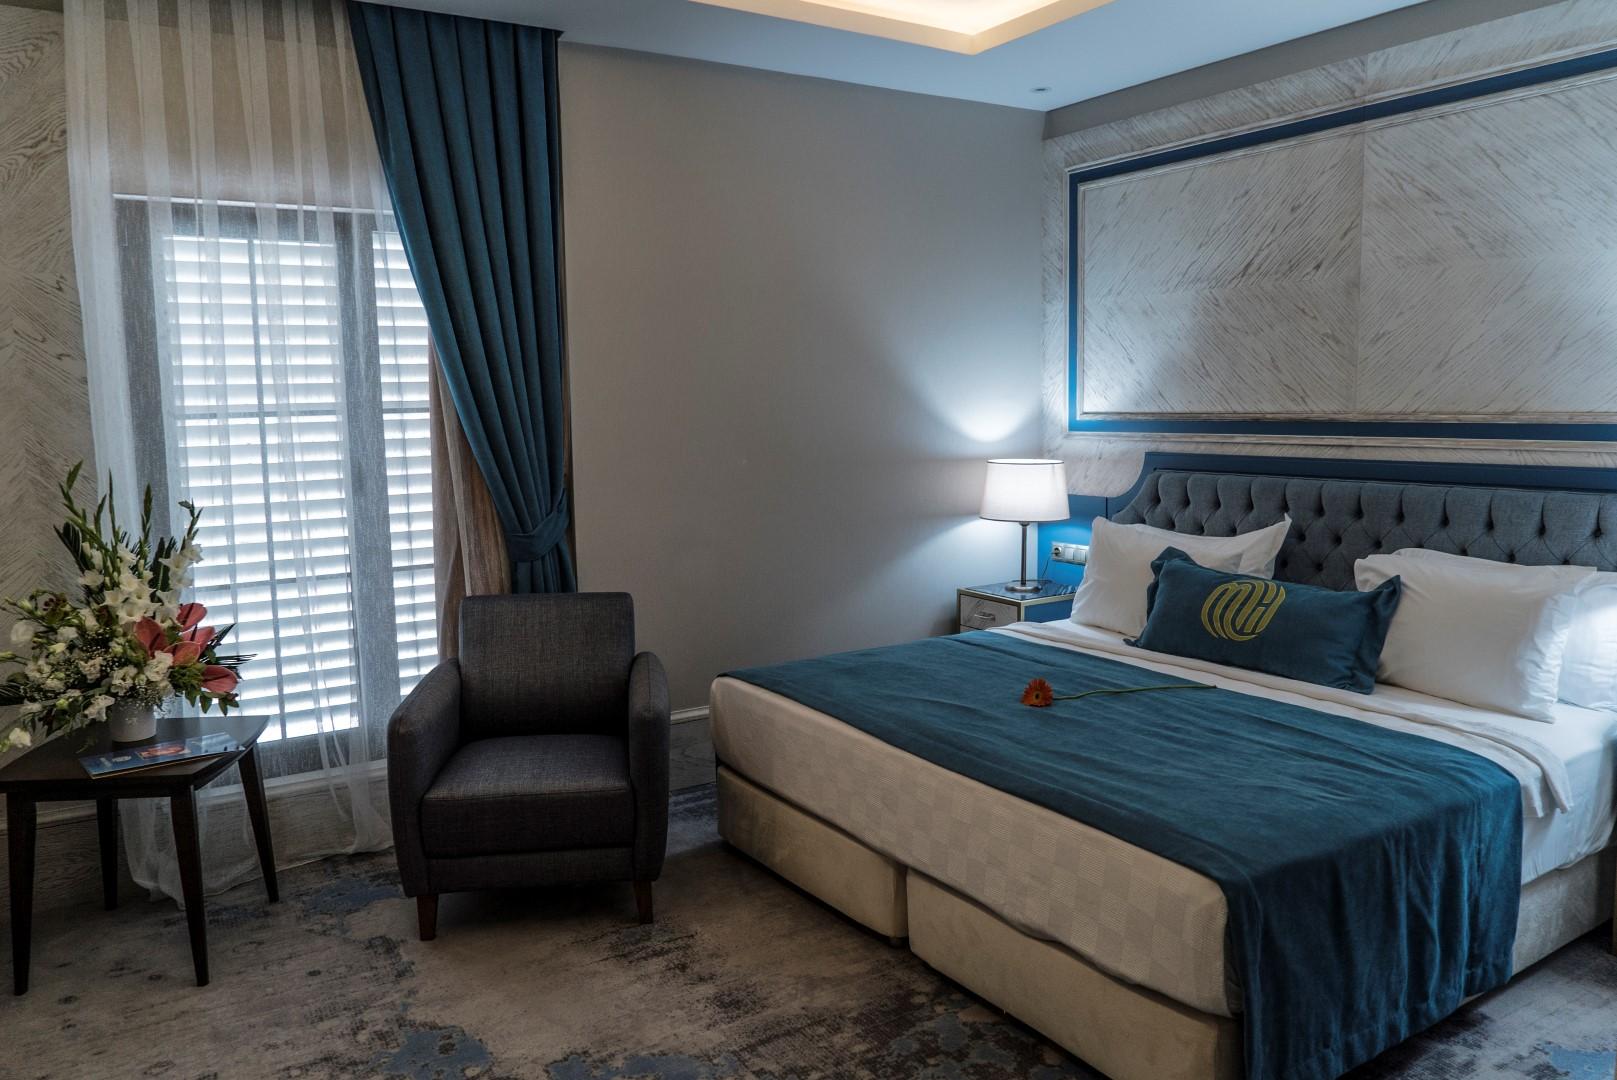 Mirart Hotel - standart oda standart room 4